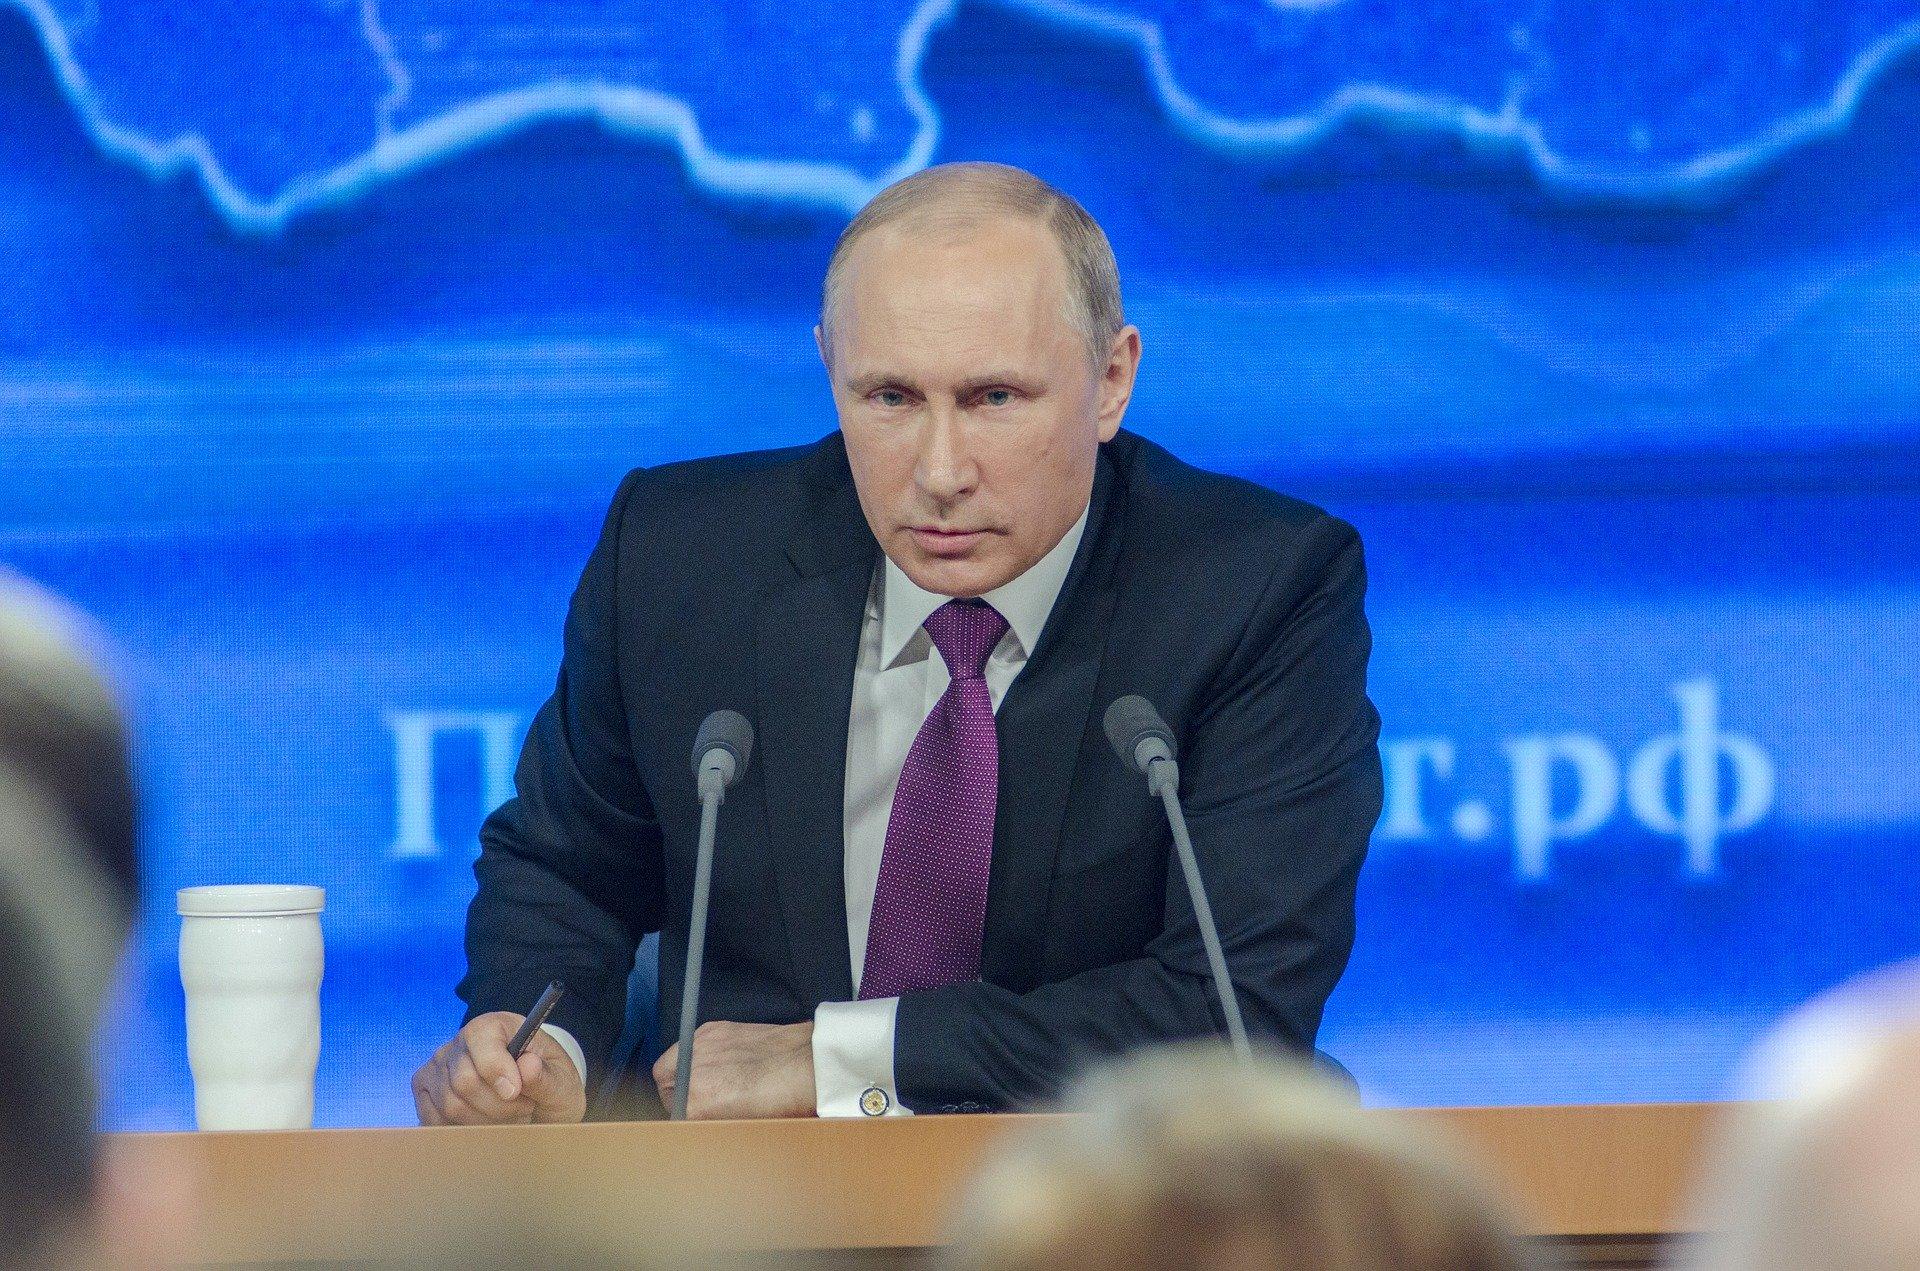 Polen: Premierminister wütend über Putins Erzählungen zu zweitem Weltkrieg